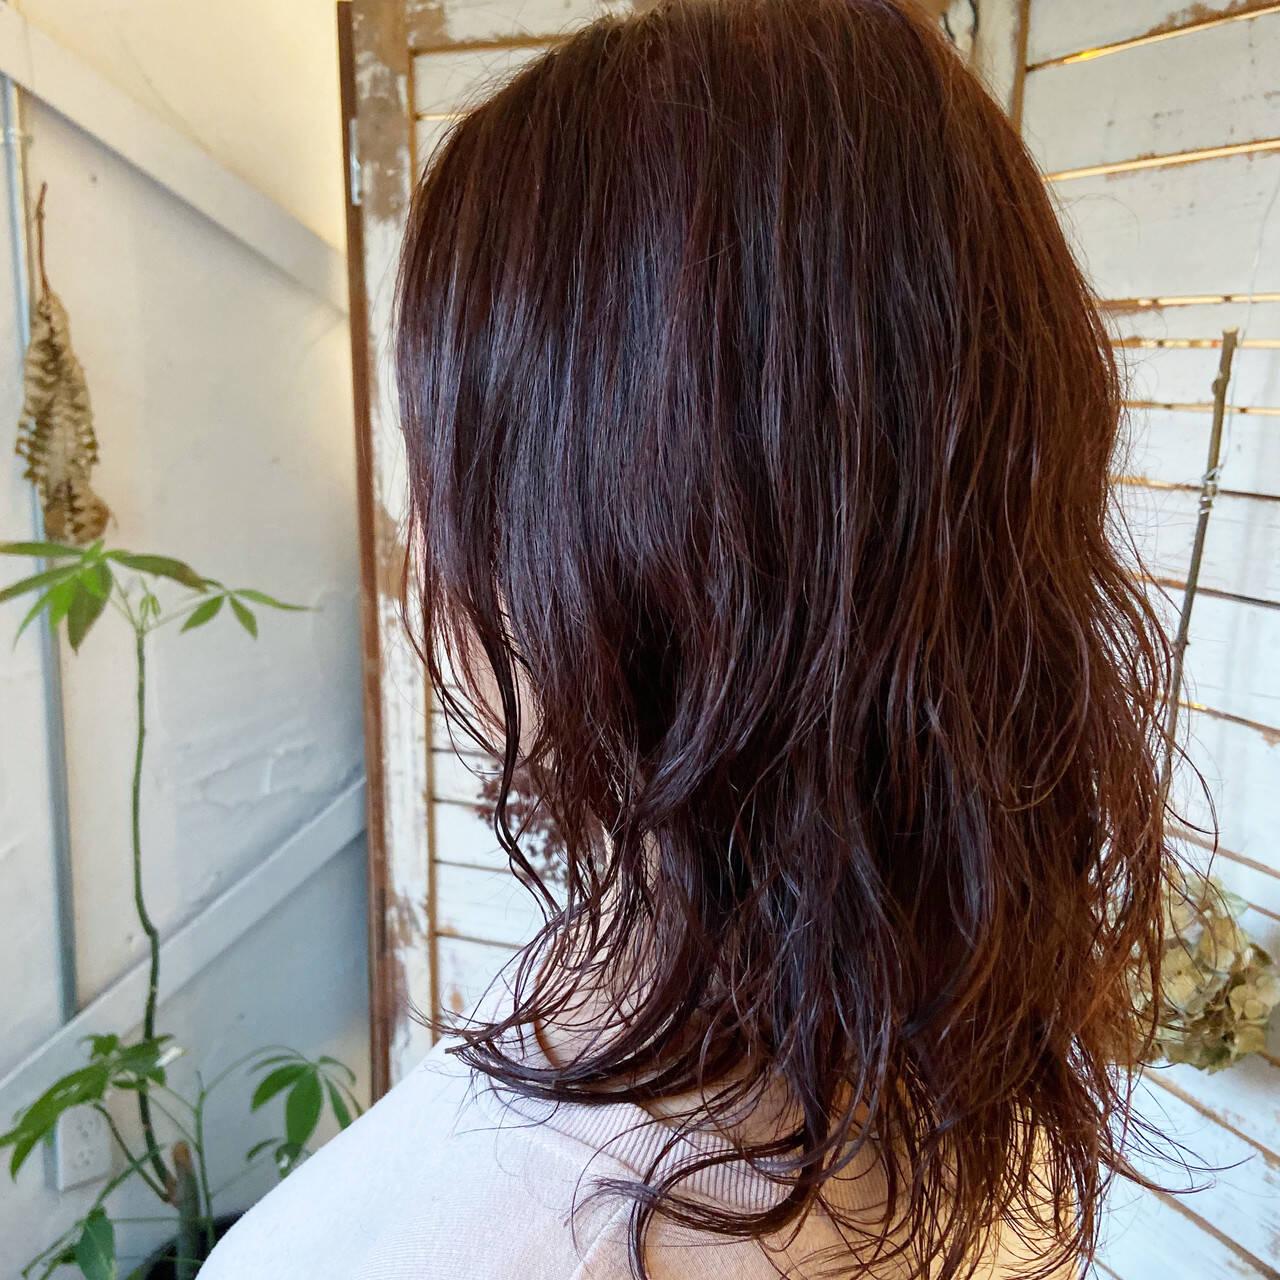 ミディアムレイヤー ミディアム ウルフパーマ ウルフカットヘアスタイルや髪型の写真・画像